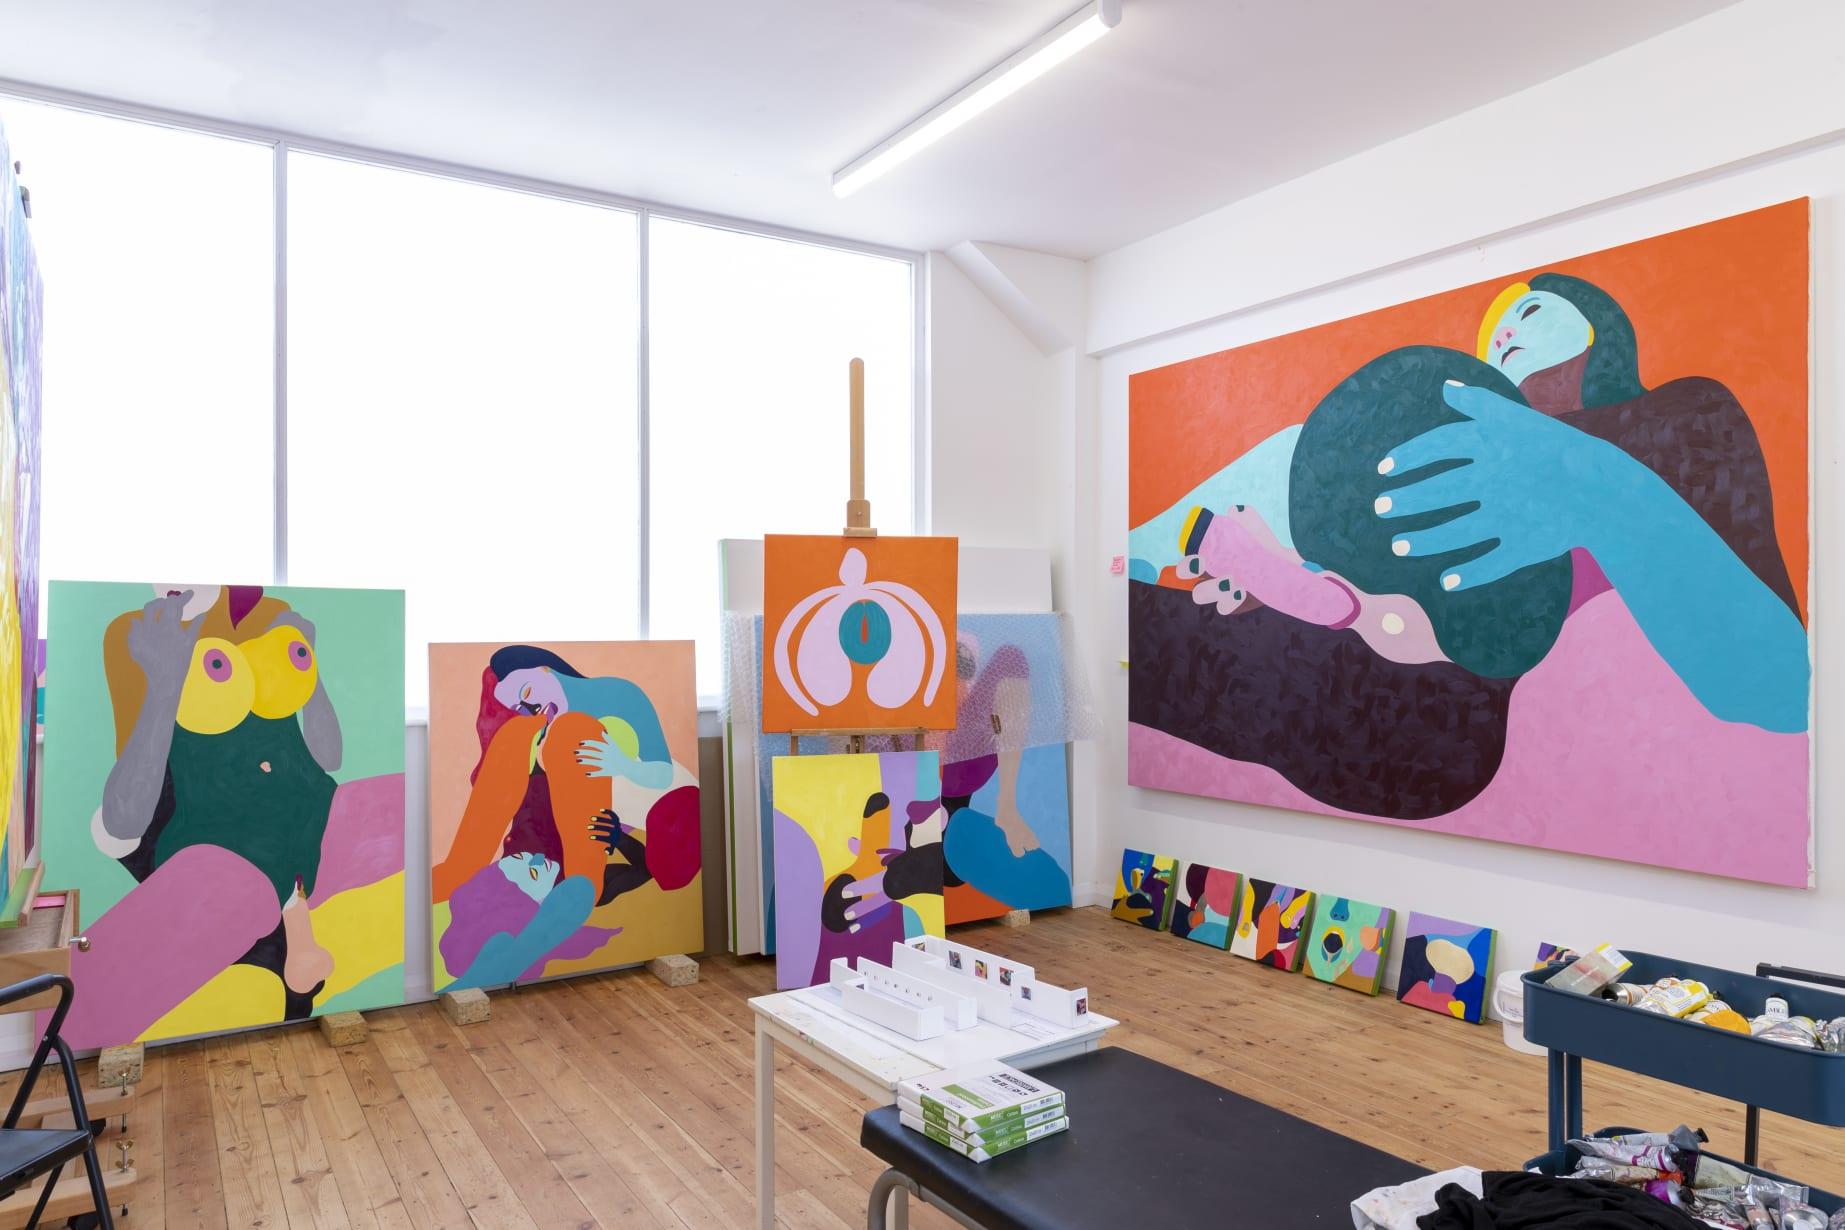 Helenbeard Studio Itsherfactory July2019 Lucyemmsi4340 11